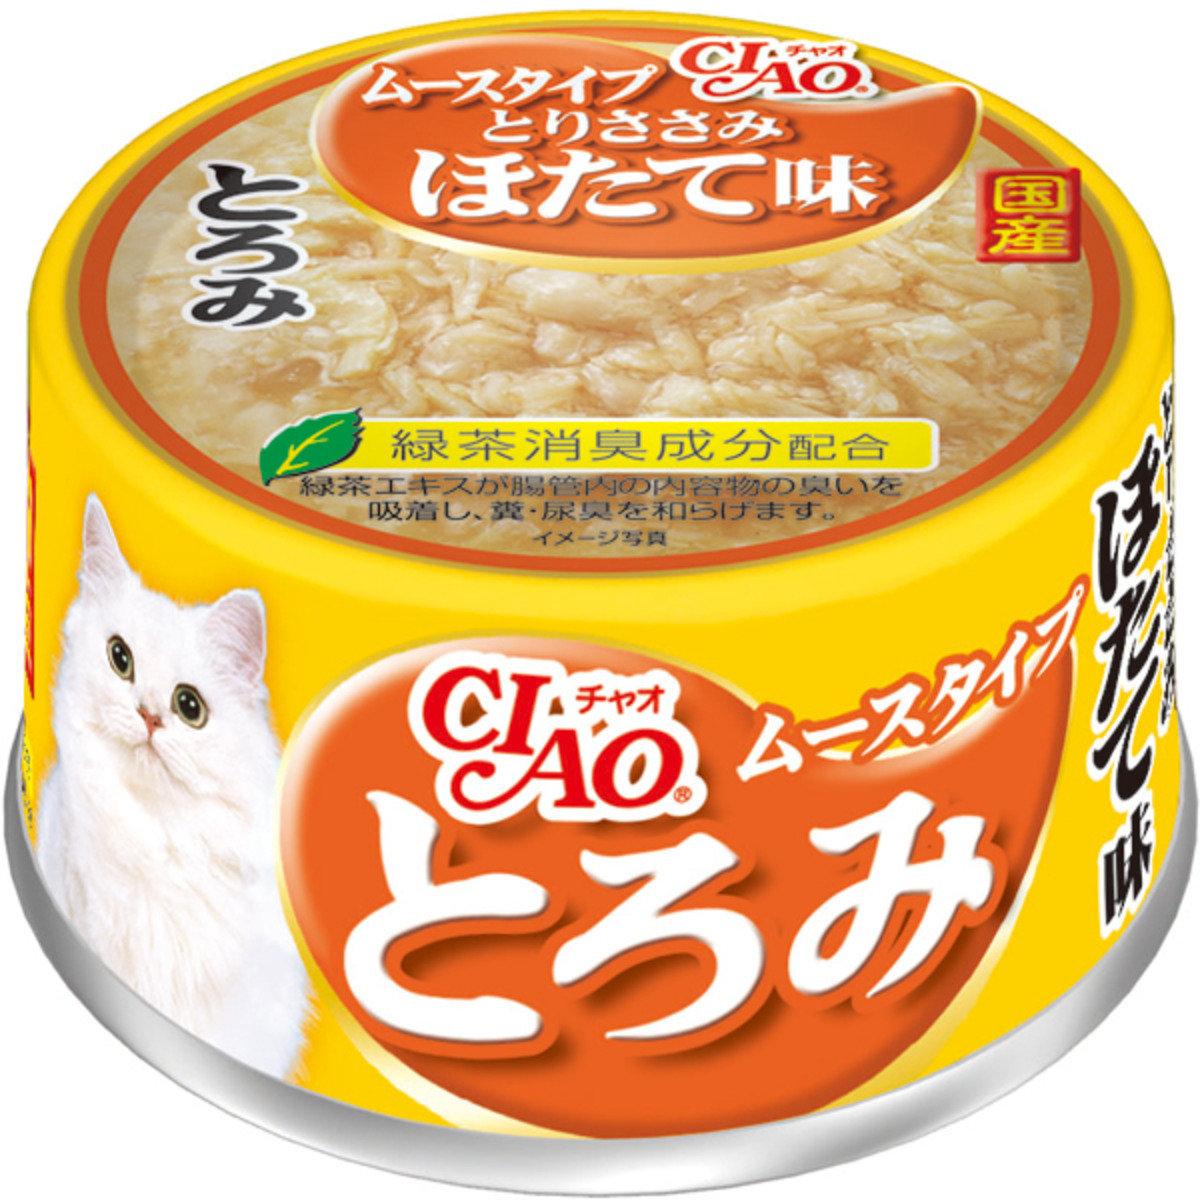 日本CIAO綠茶雞肉扇貝摩絲 A-79